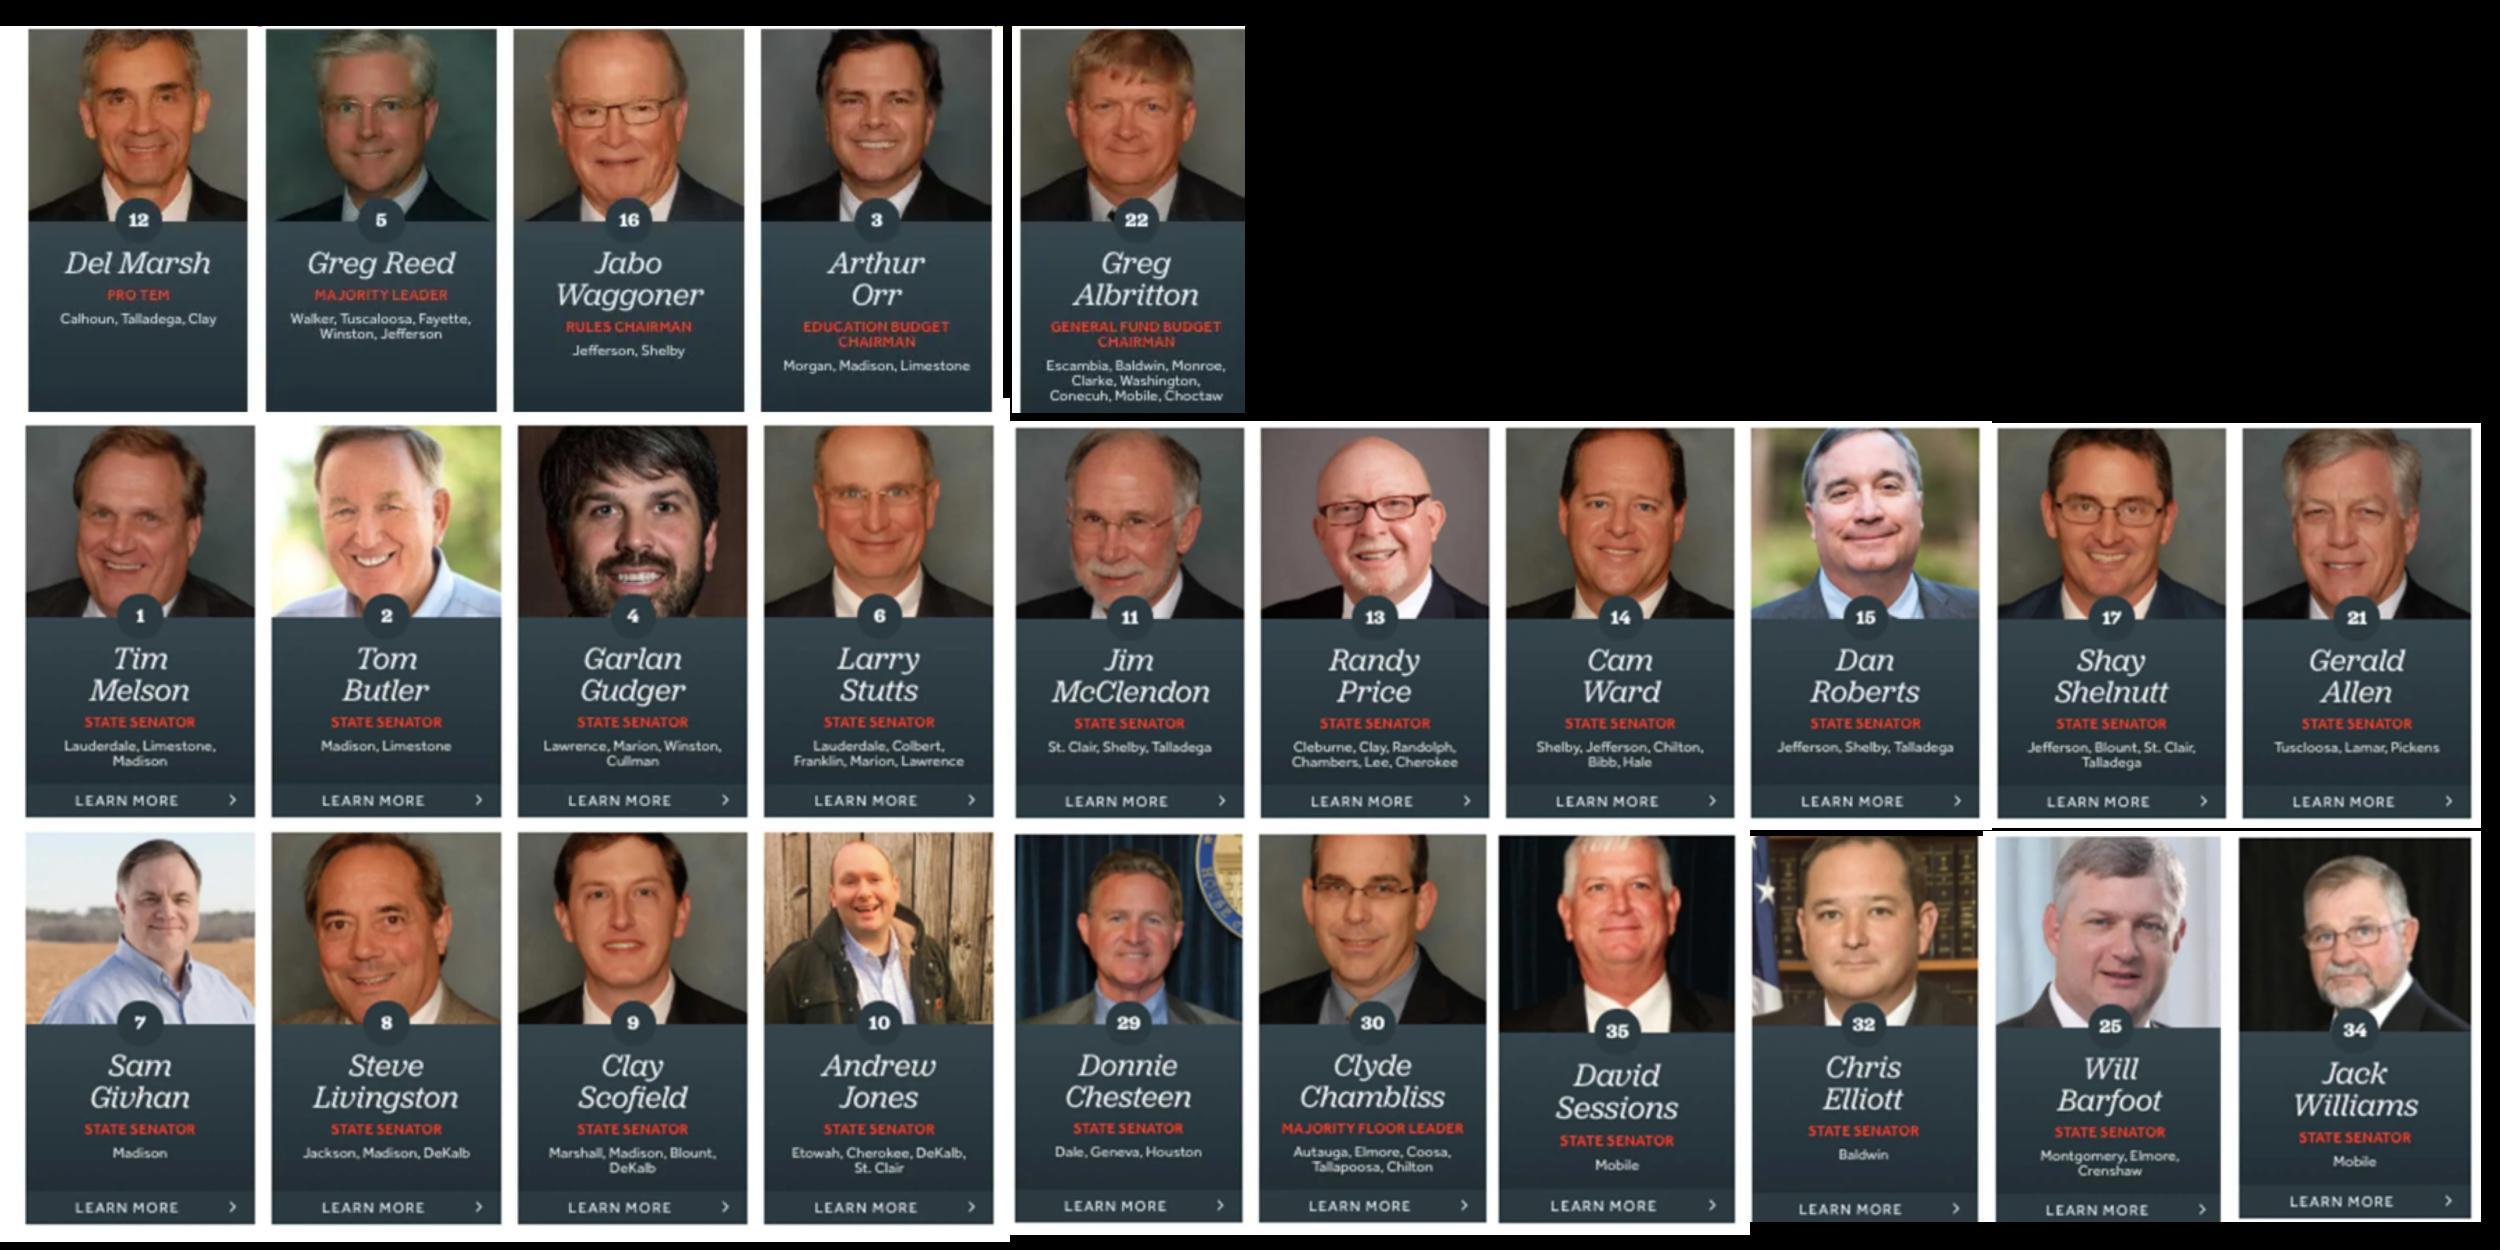 """""""Your body, our choice."""" Nämä 25 republikaania päättivät lakimuutoksesta ylivoimaisella enemmistöllä 35-paikkaisessa Alabaman senaatissa. Senaatissa on neljä naisedustajaa, he ovat kaikki demokraatteja."""